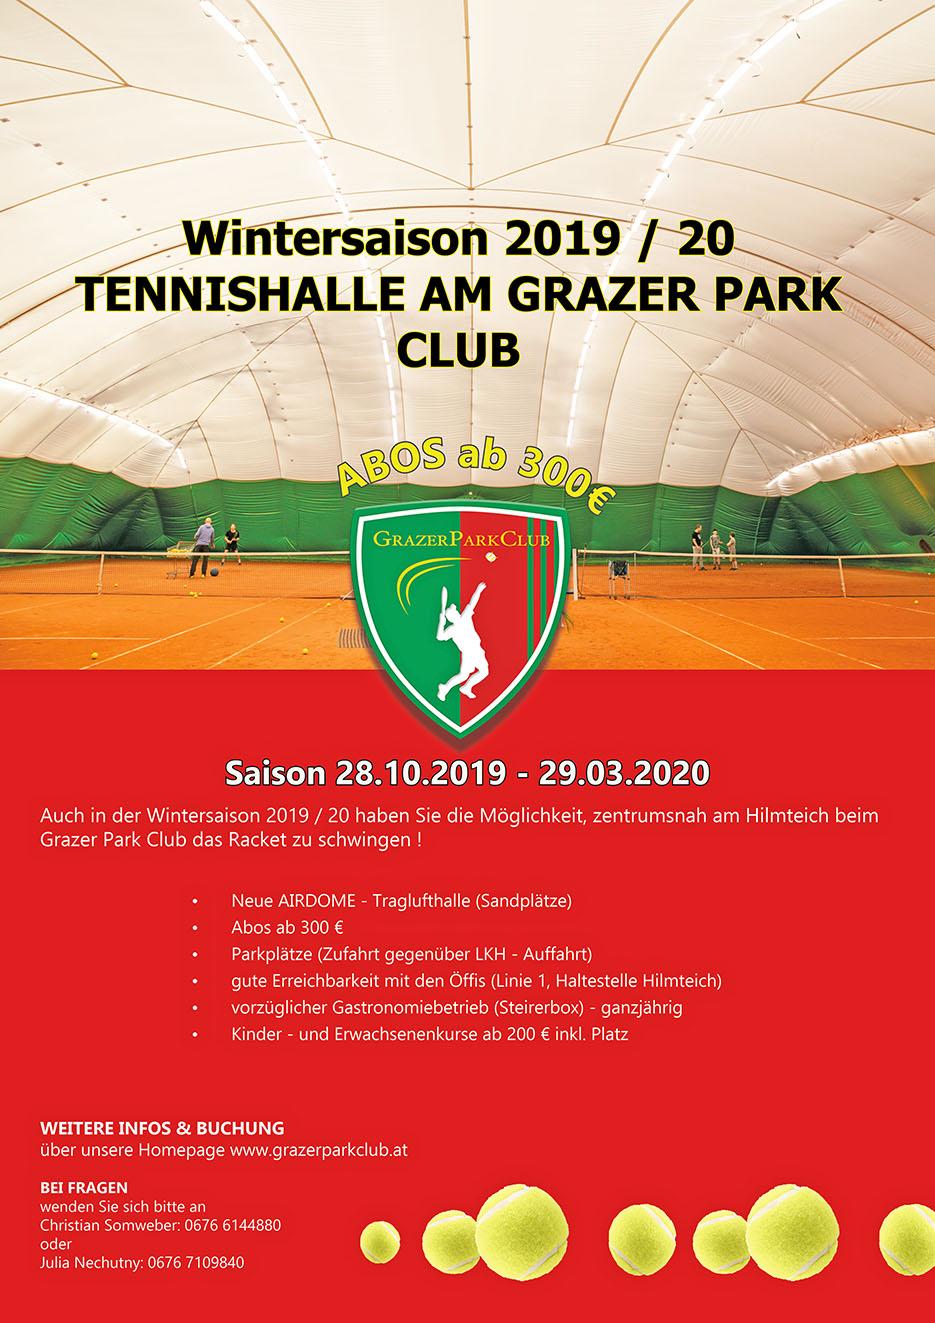 Wintertennis Grazer Park Club